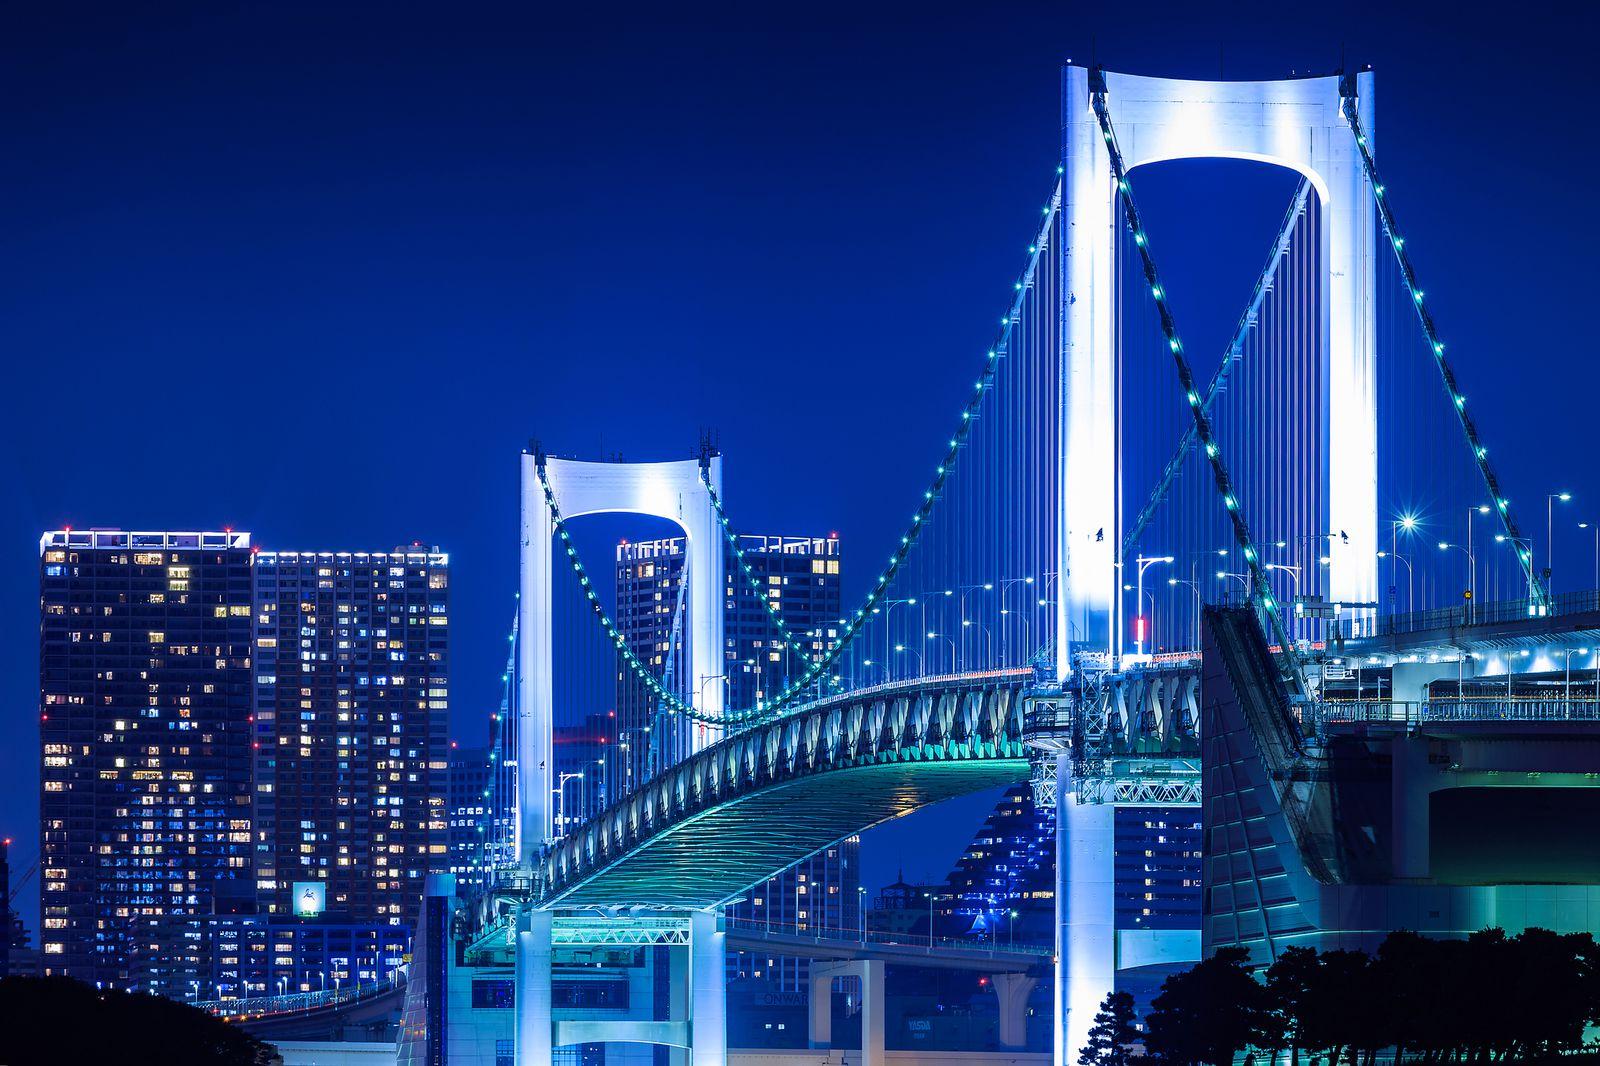 くつろぎながら美しい夜景を。東京都内の美しき公園夜景スポット12選                当サイト内のおでかけ情報に関してこのまとめ記事の目次